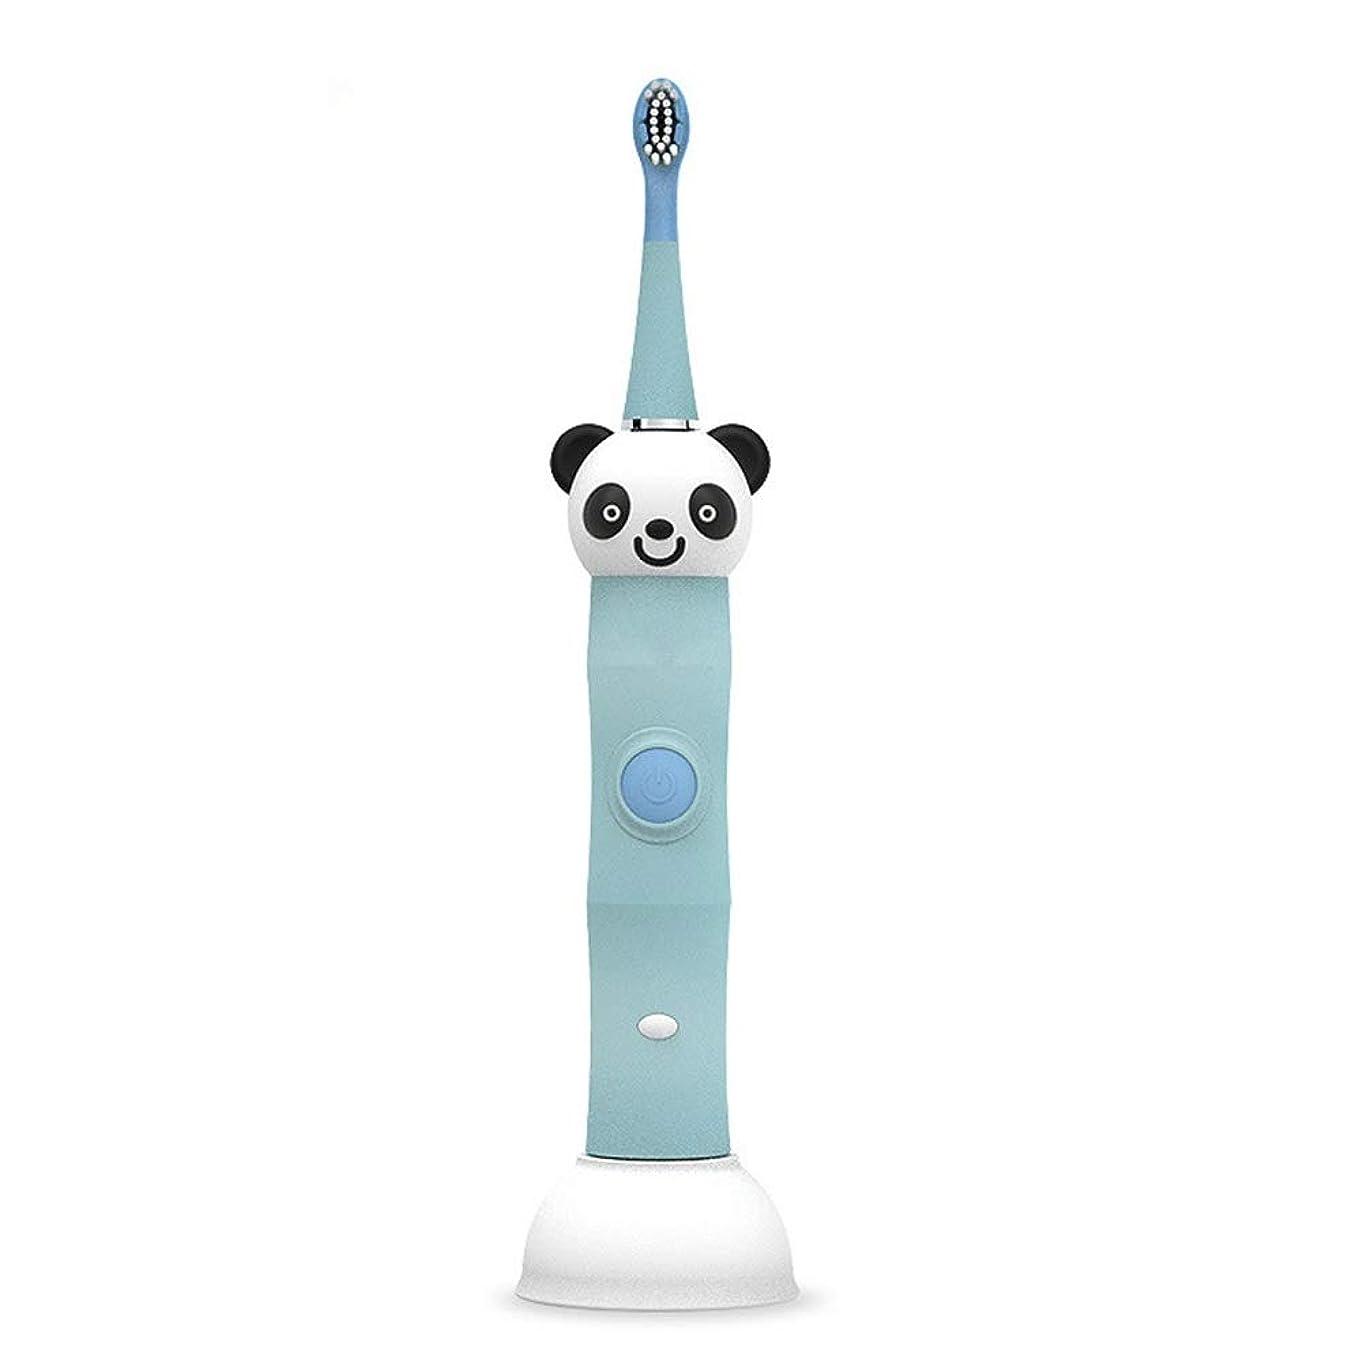 増強する振る未使用家庭用電動歯ブラシ USBの充満基盤の柔らかい毛のきれいな歯ブラシと防水子供の電動歯ブラシ 男性用女性子供大人 (色 : 青, サイズ : Free size)